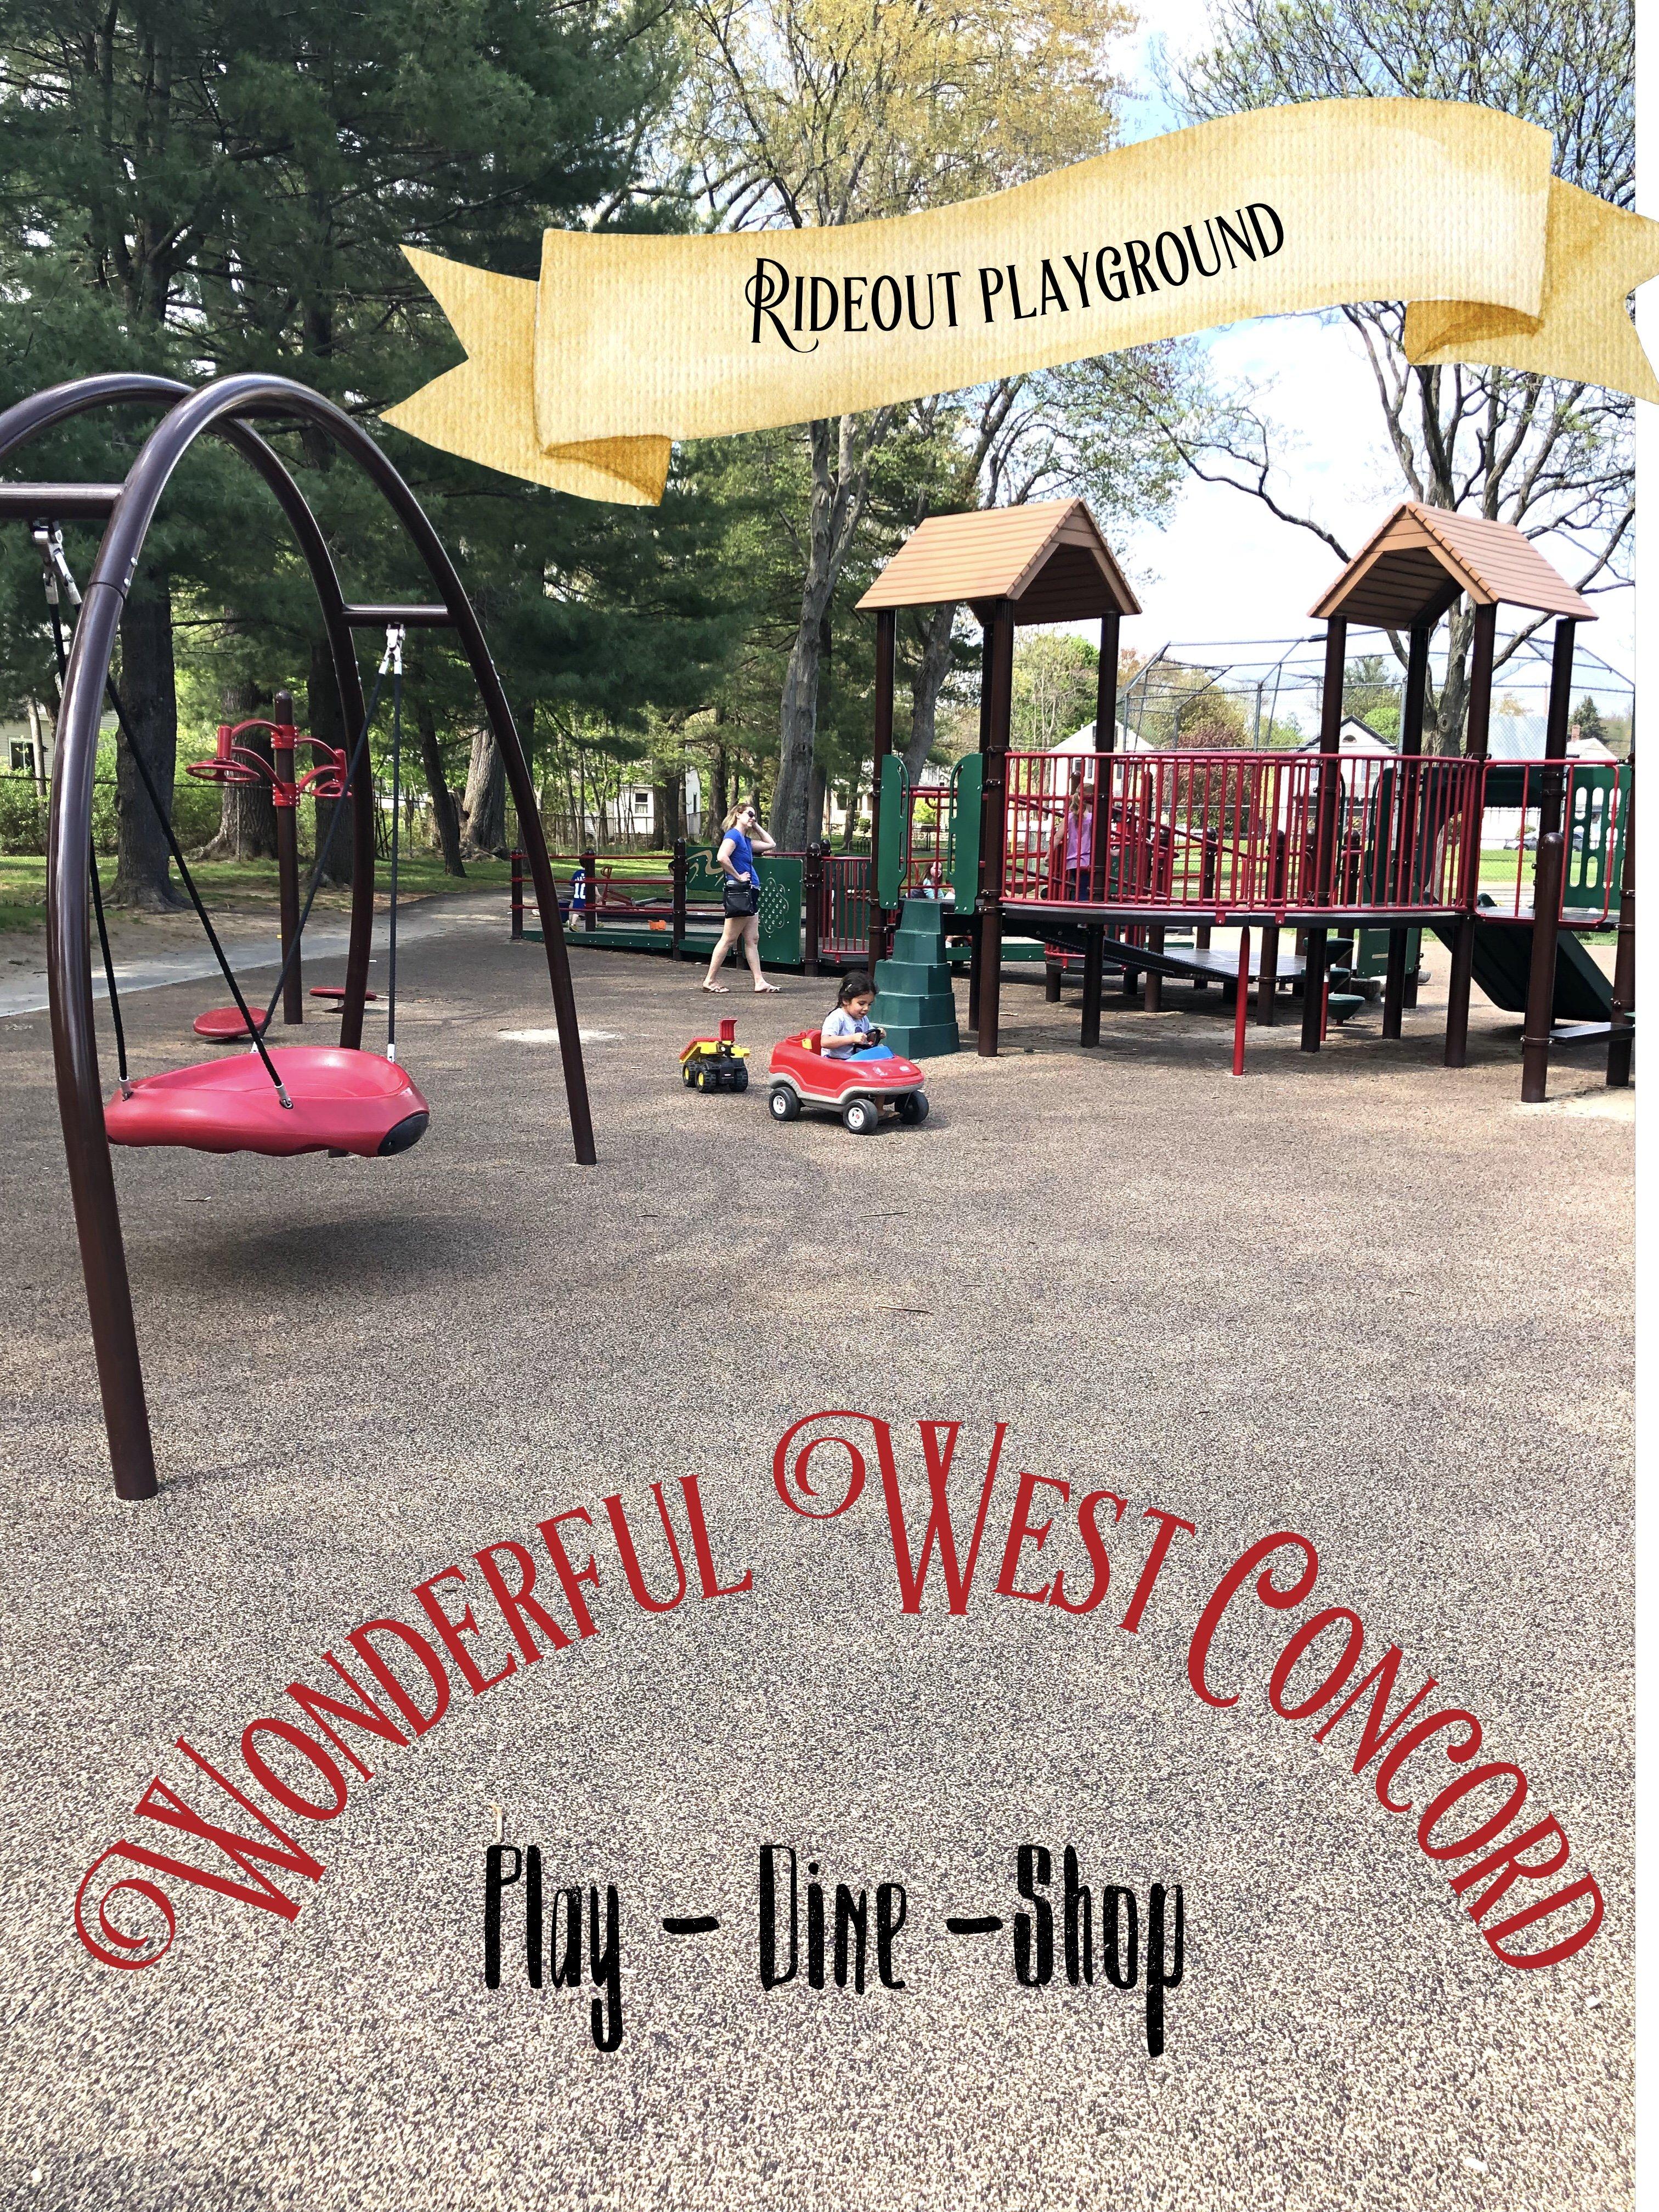 Wonderful West Concord